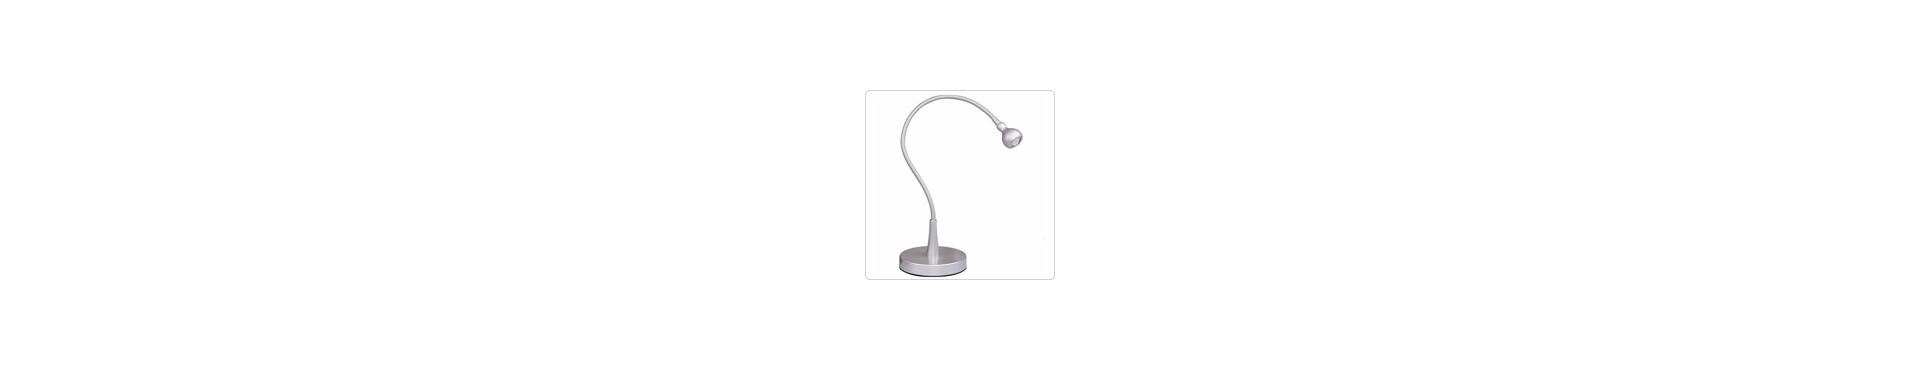 Køb loftslamper og LED-lamper med clips her - Stort udvalg